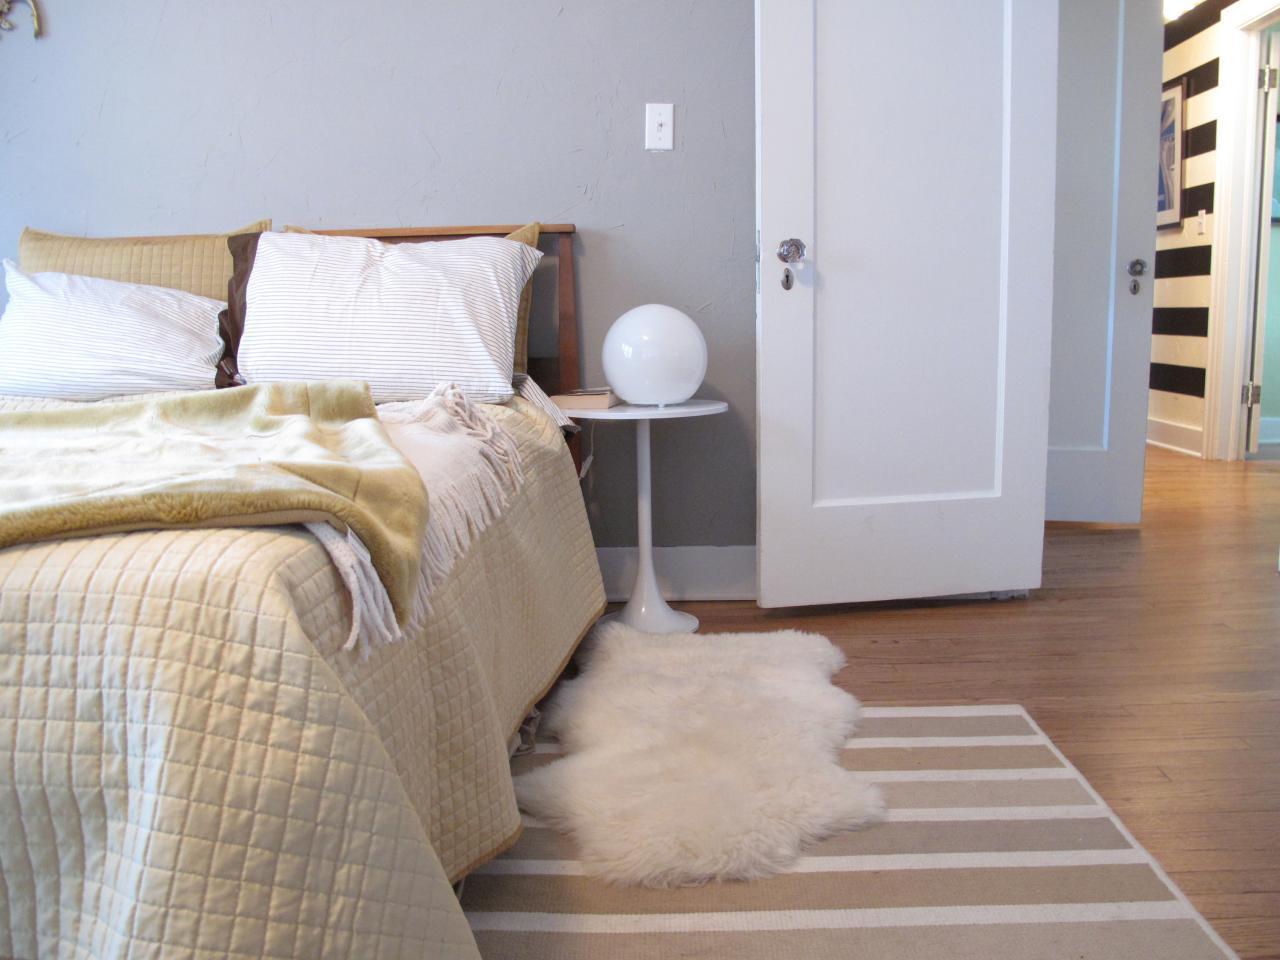 Tappeti camera da letto: scegliere quello giusto